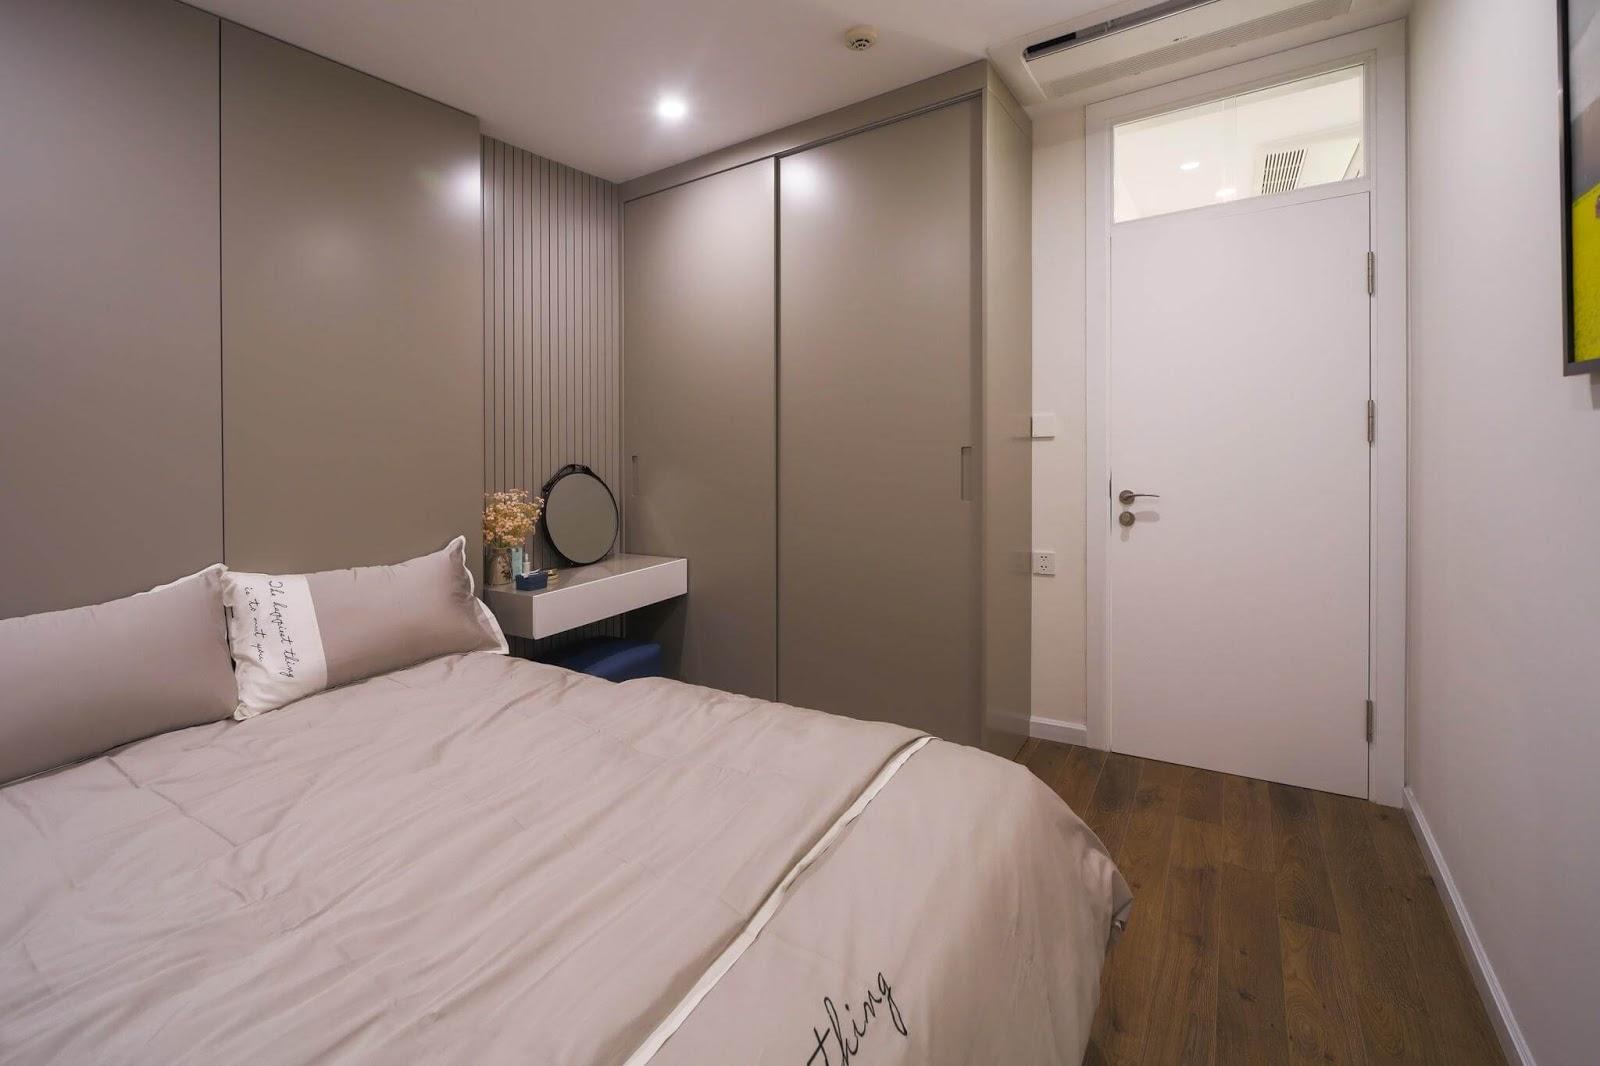 Góc nội thất phòng ngủ nhỏ căn hộ AQH Thượng Thanh.